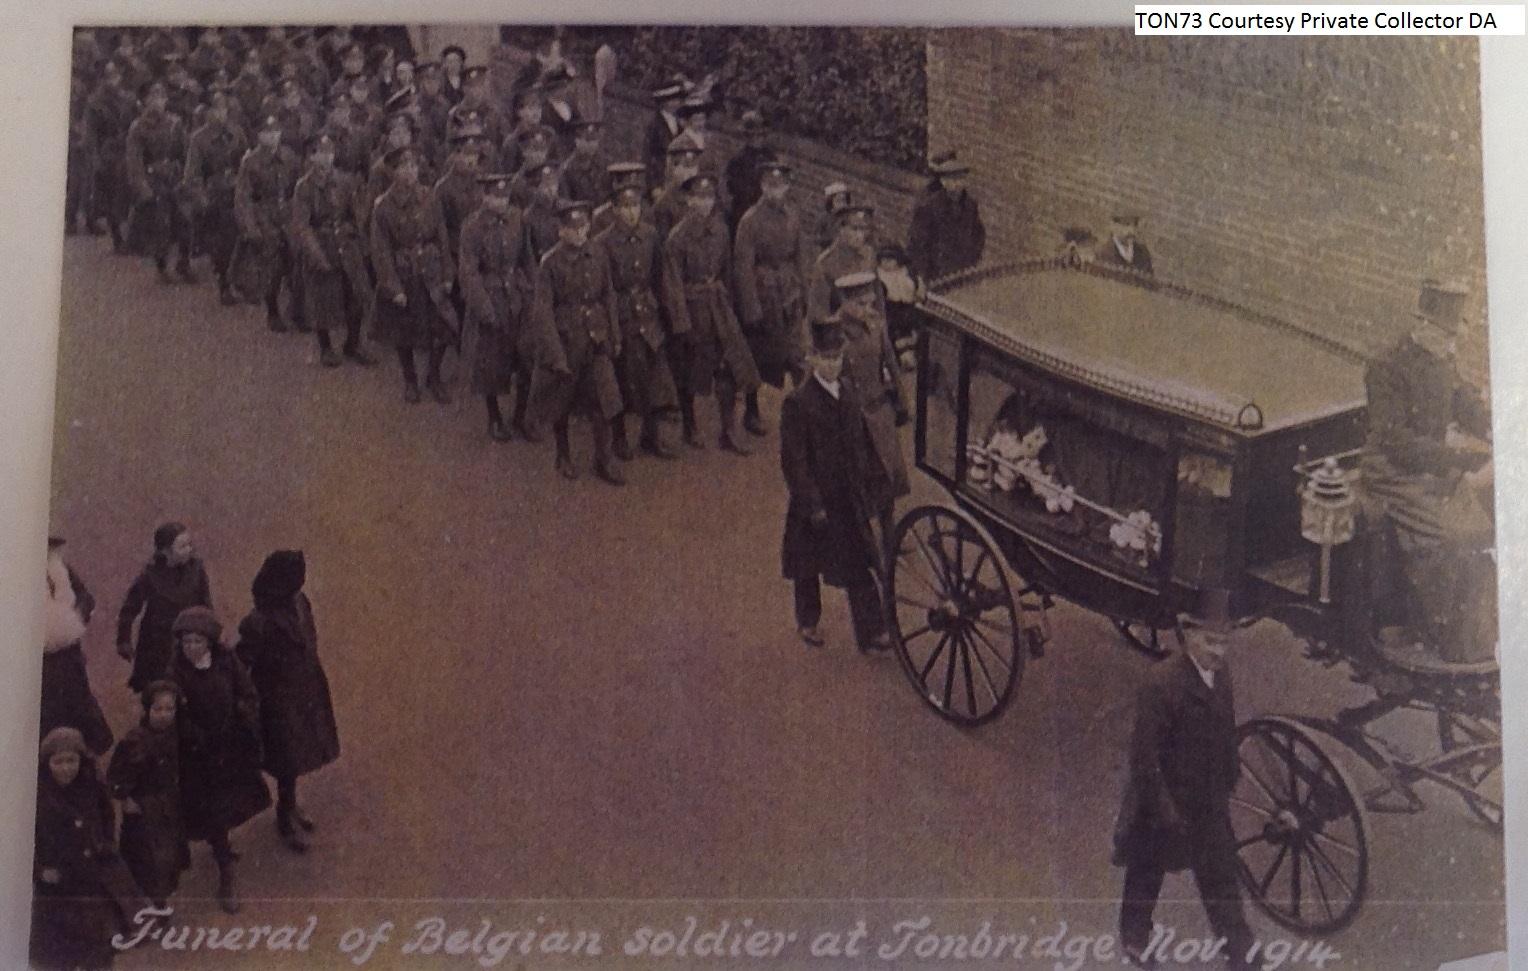 Belgian Soldier Funeral